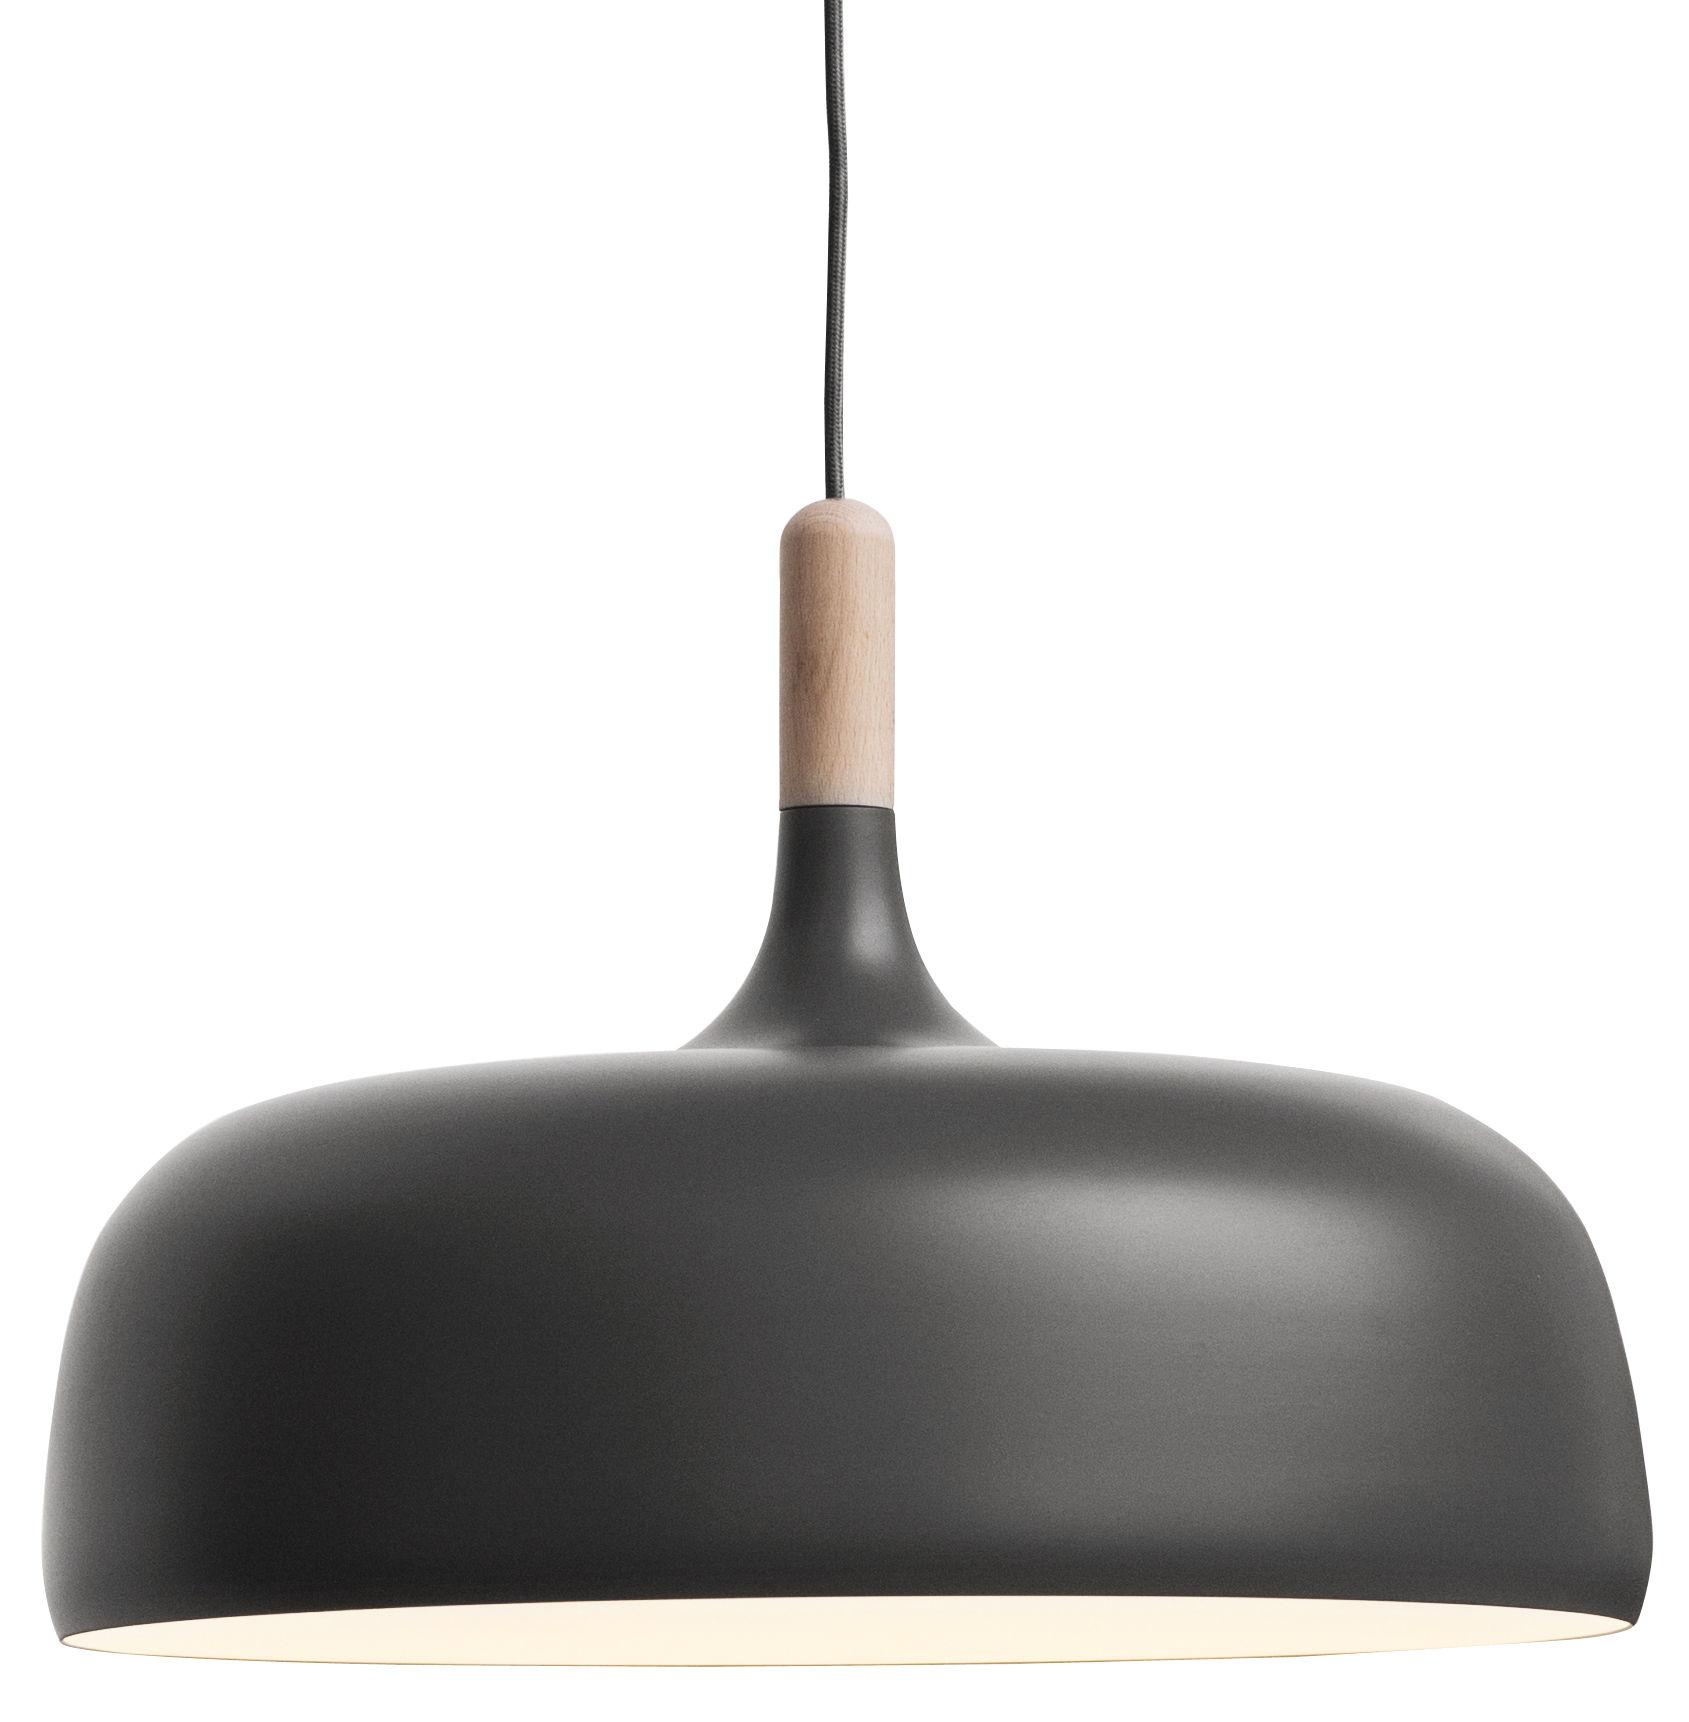 Luminaire - Suspensions - Suspension Acorn - Northern  - Gris / Bois naturel - Aluminium, Chêne naturel